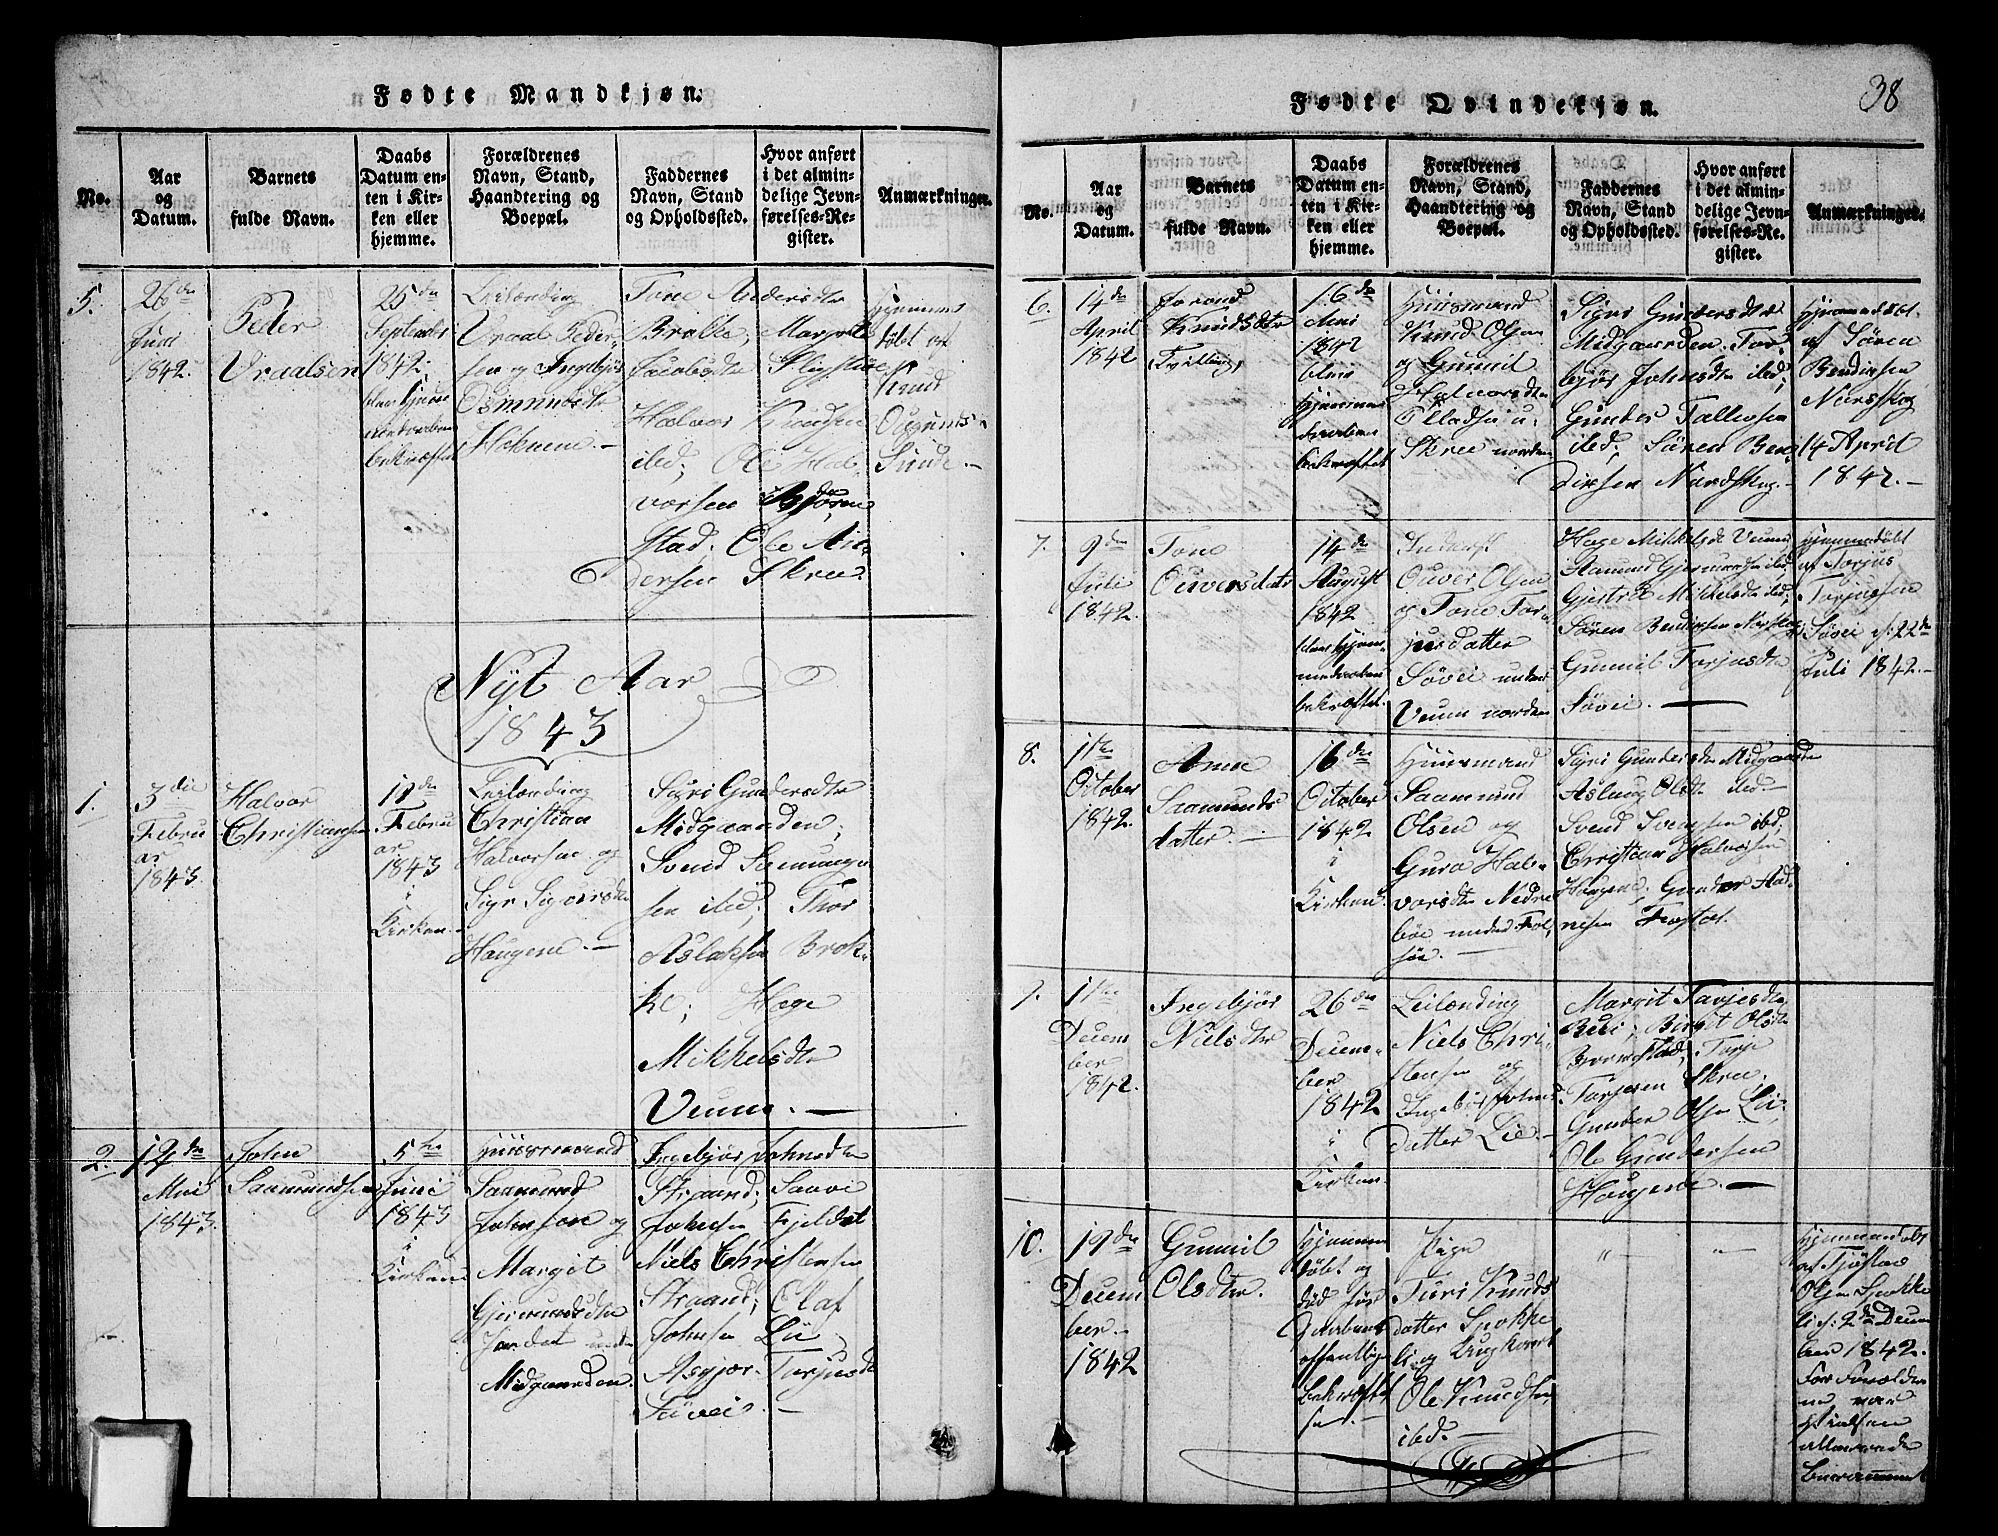 SAKO, Fyresdal kirkebøker, G/Ga/L0003: Klokkerbok nr. I 3, 1815-1863, s. 38